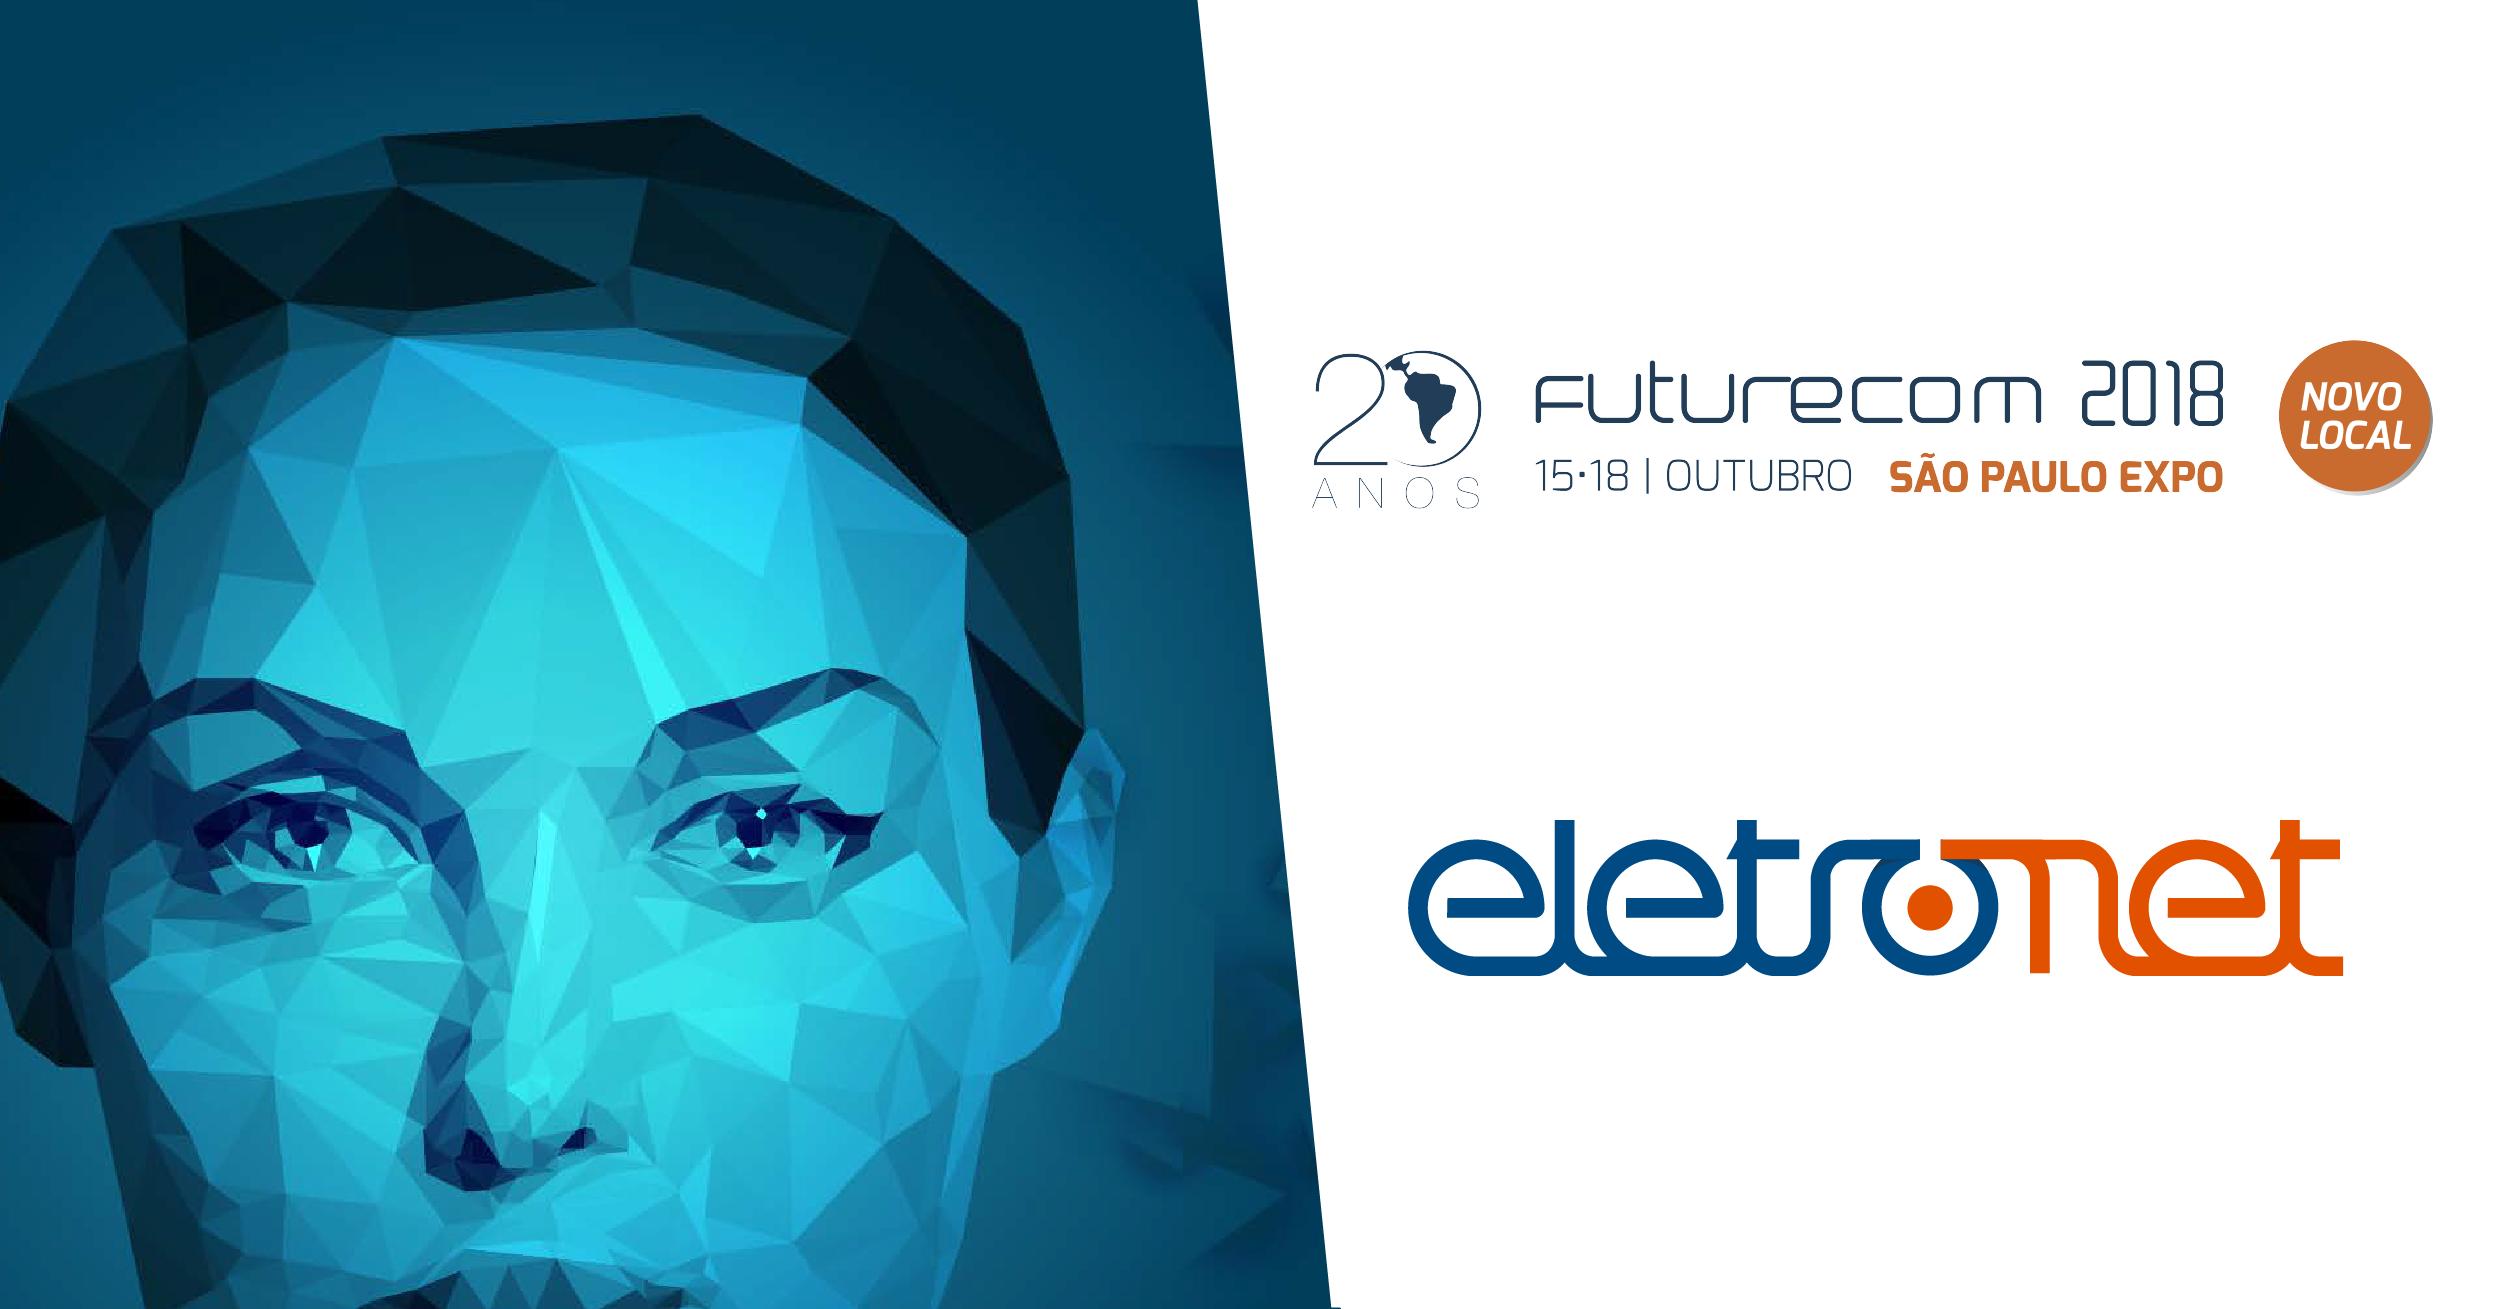 20ª Edição do Futurecom